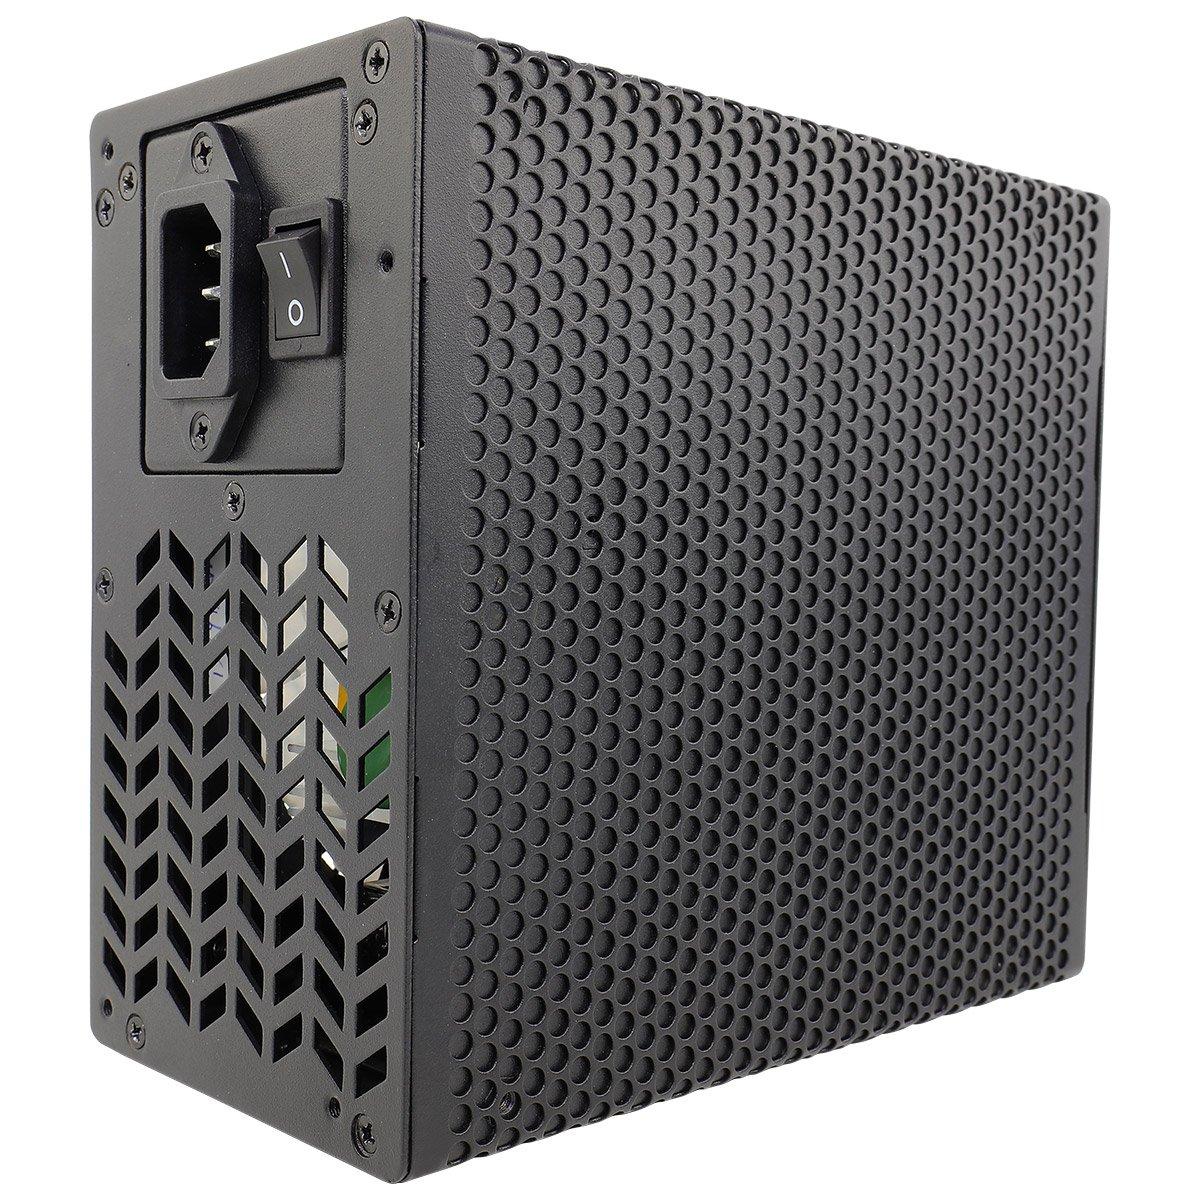 Fuente de alimentaci/ón Modular RGB Aerocool Lux RGB M 550W 80Plus Bronze 230V